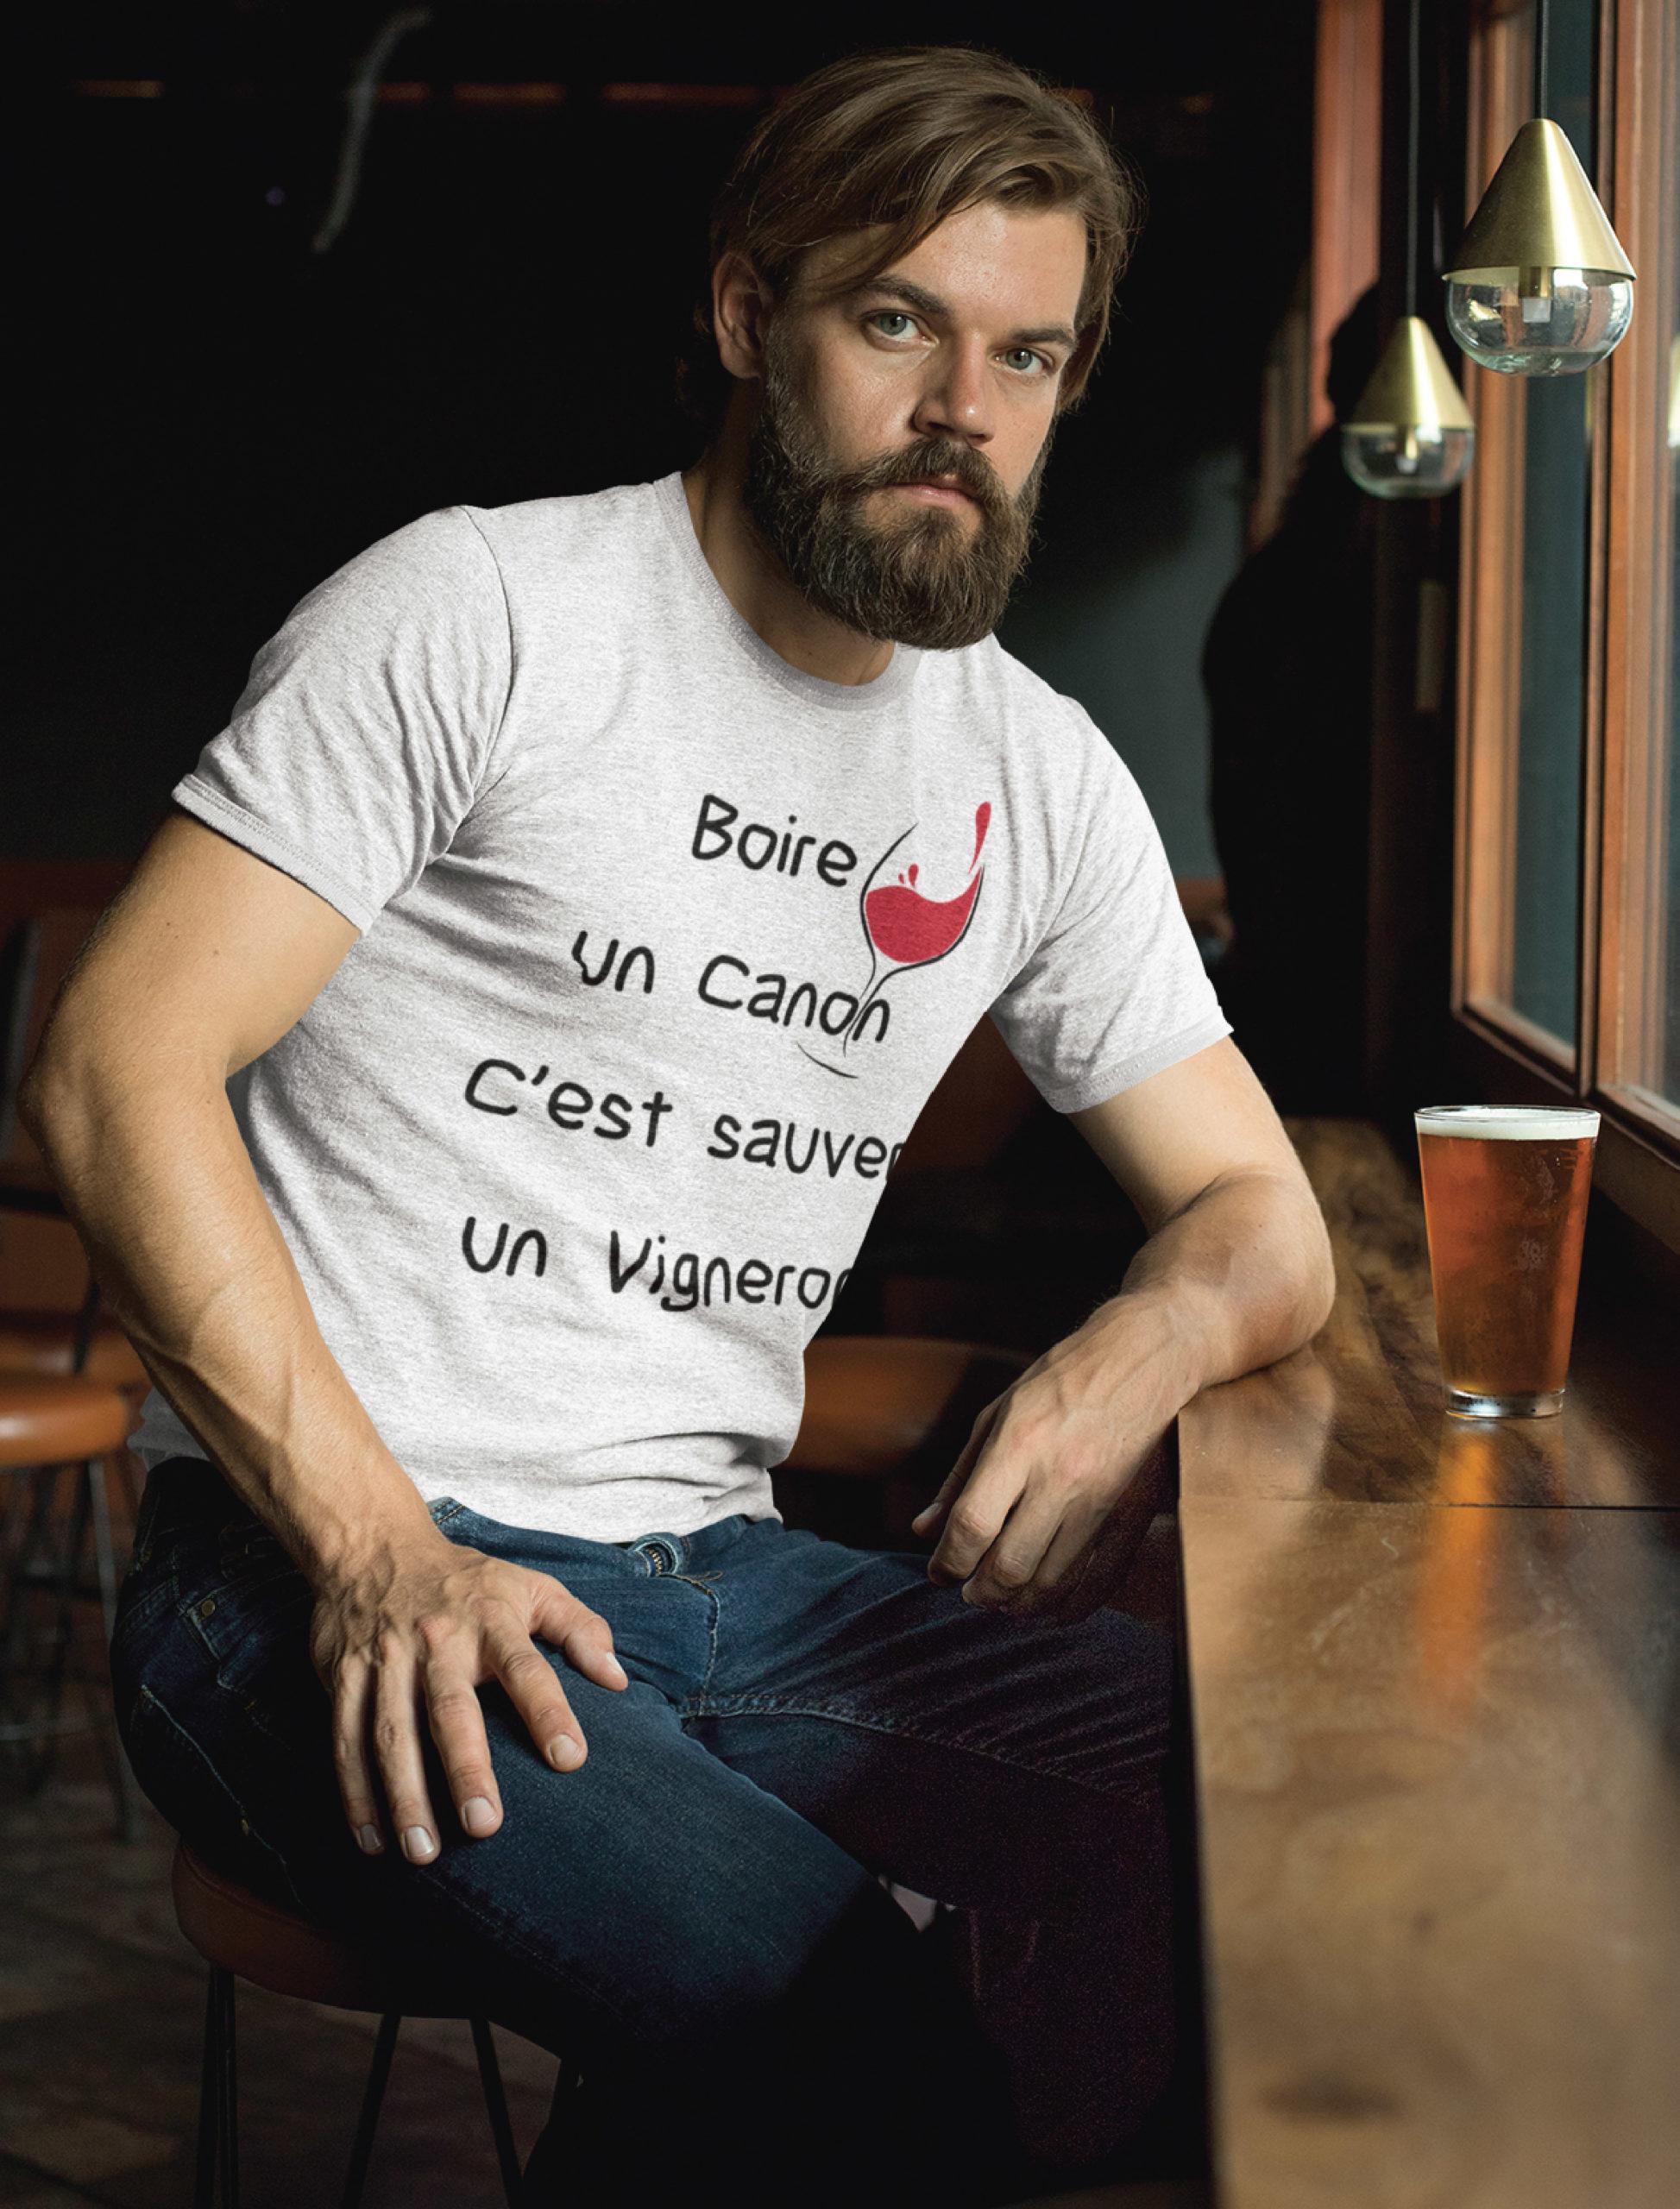 Teeshirt Homme - Boire Un Canon C'est Sauver Un Vigneron